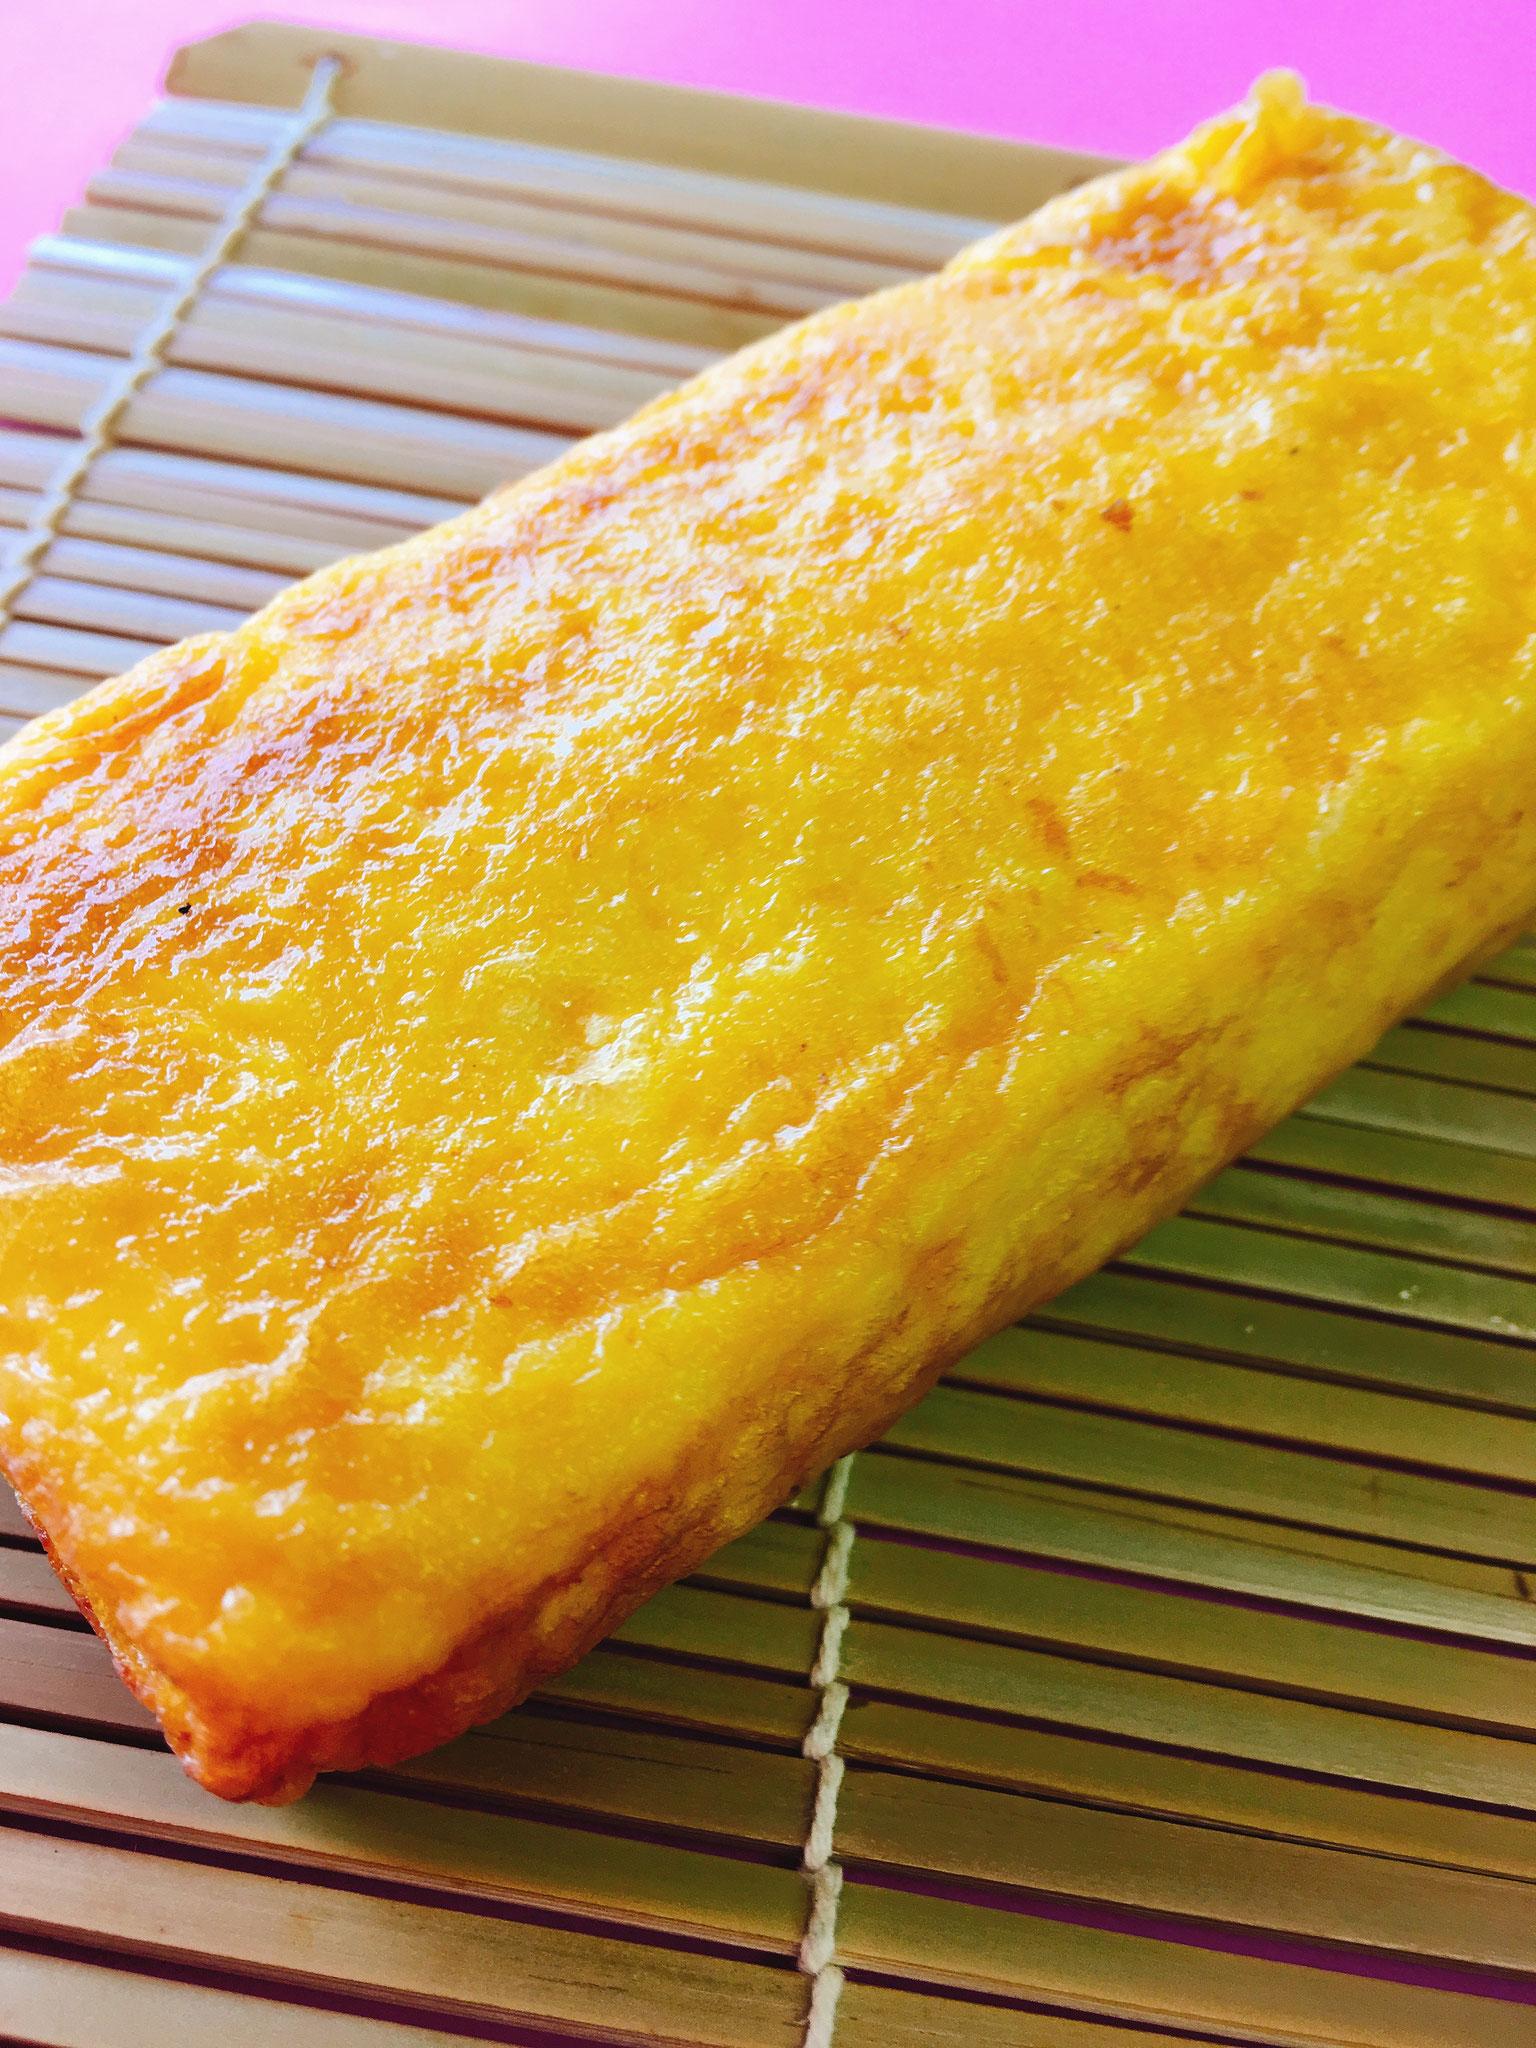 三代目奥久慈の厚焼き卵 ハーフサイズ450円 フルサイズ800円